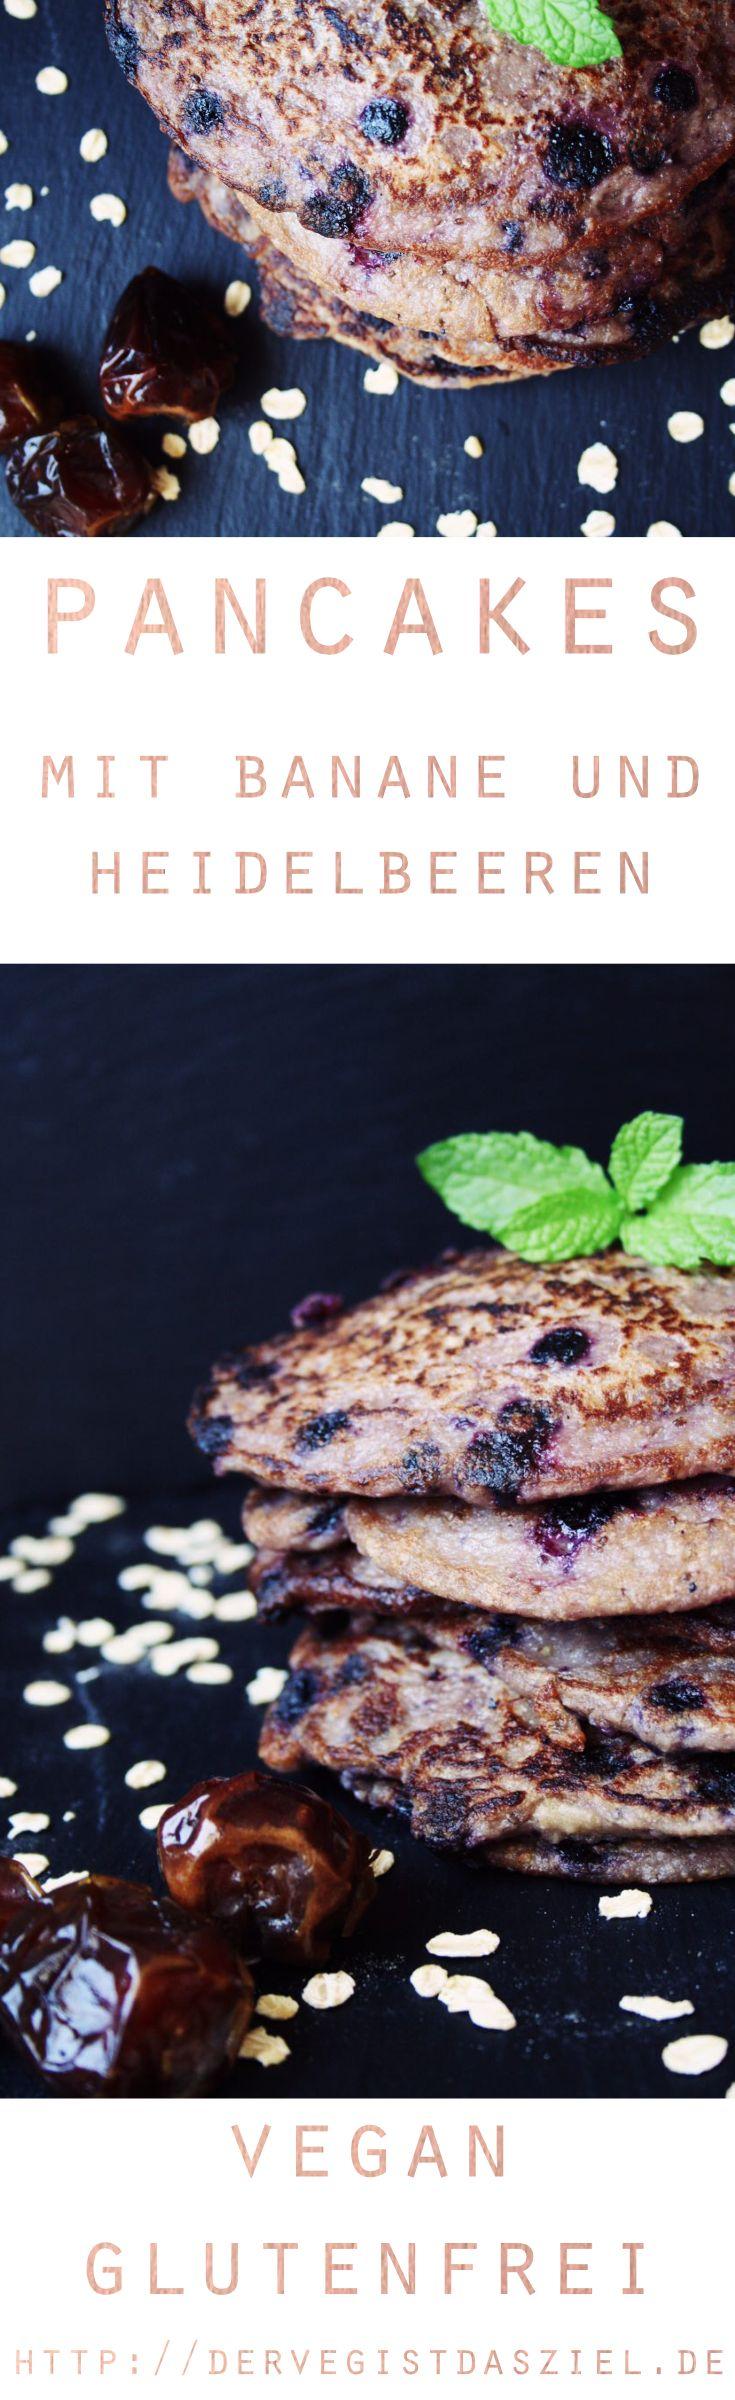 Pancakes, vegan und glutenfrei